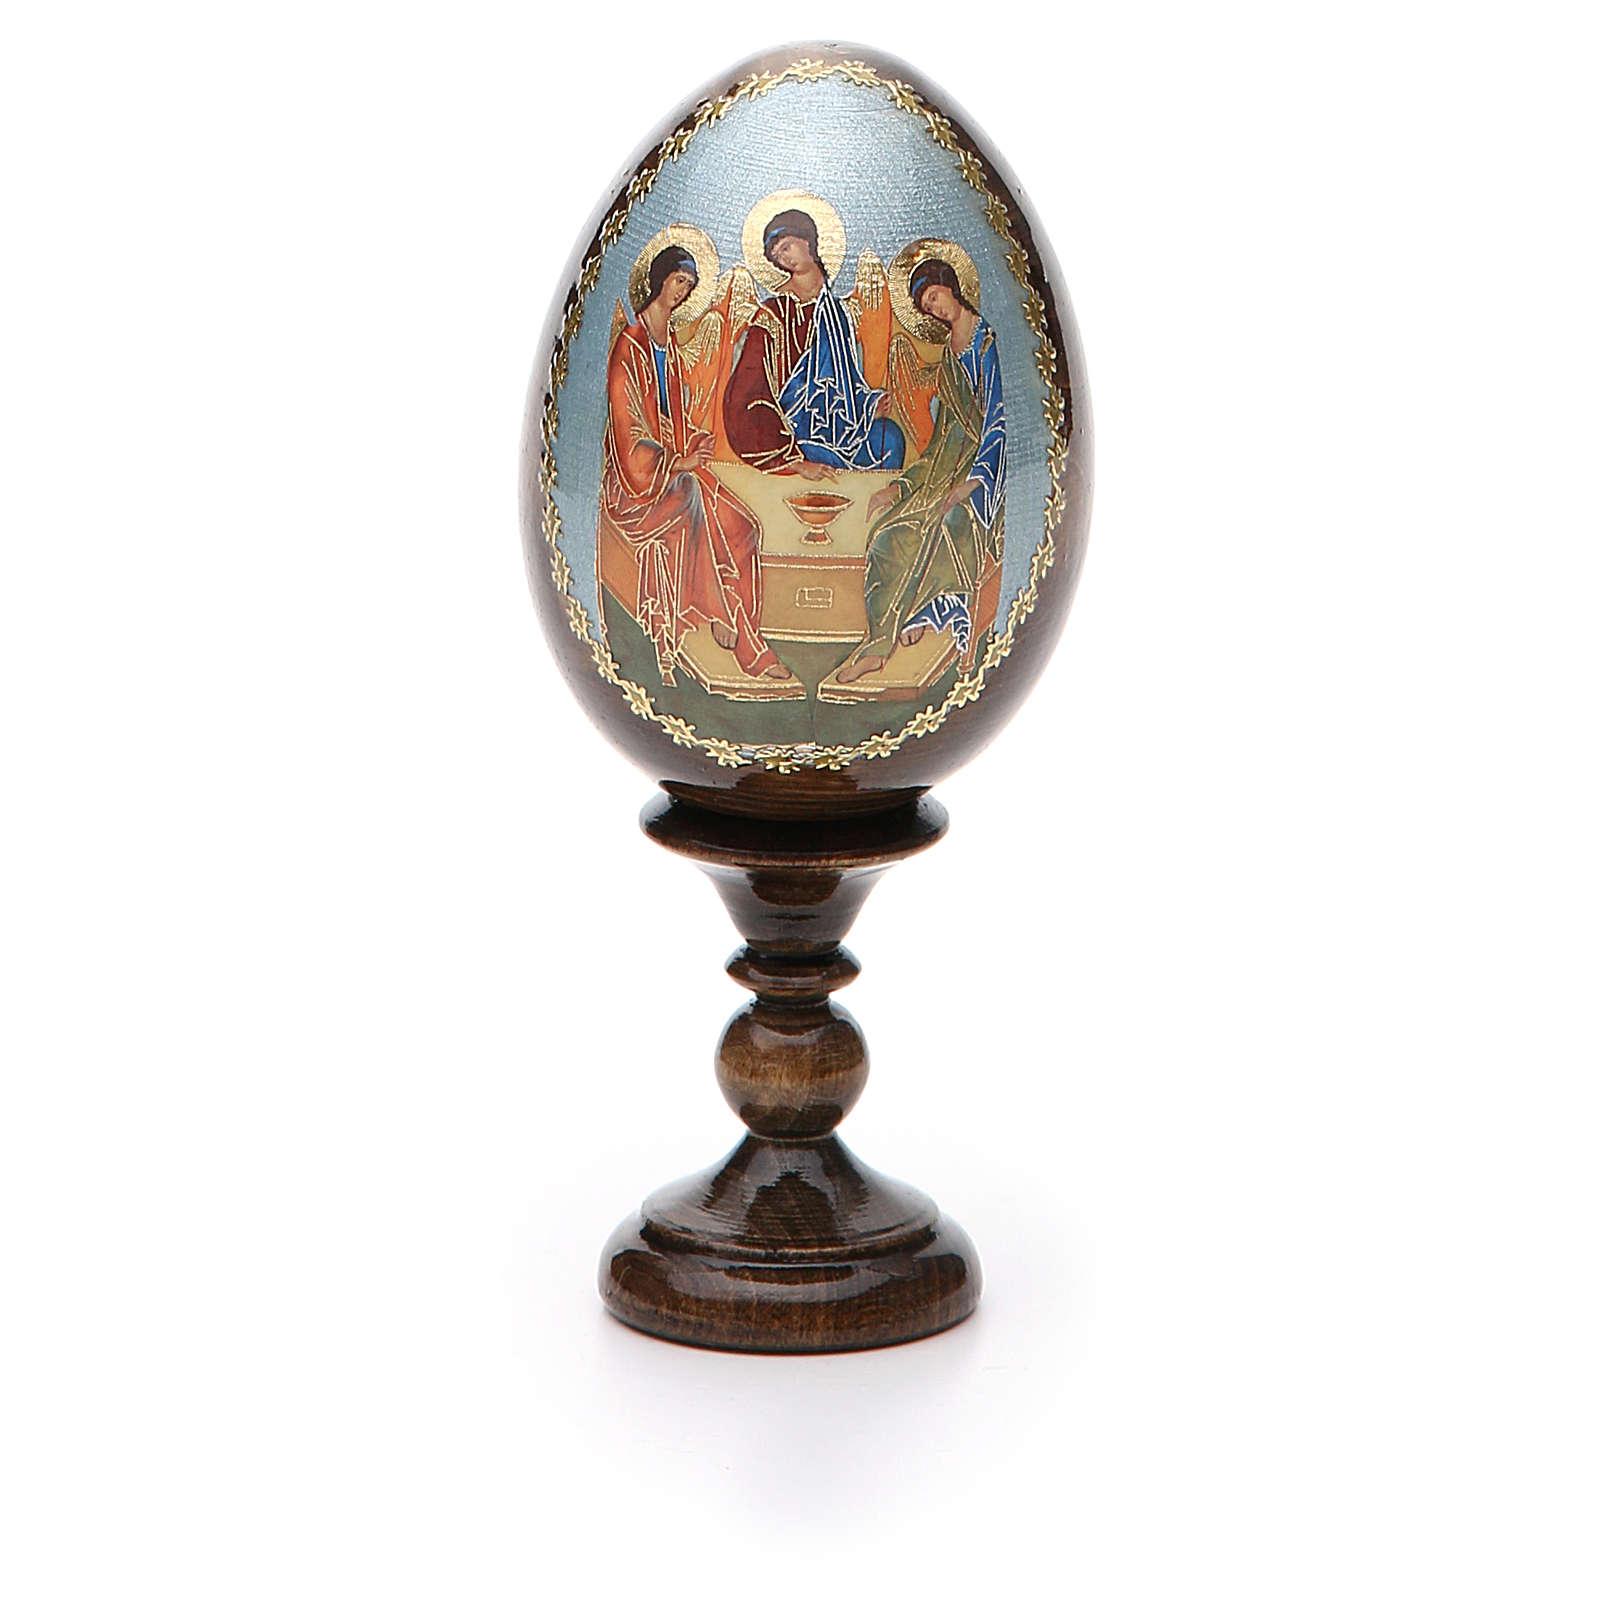 Jajko Rosja decoupage Trójca Rublow wys. całk. 13 cm 4